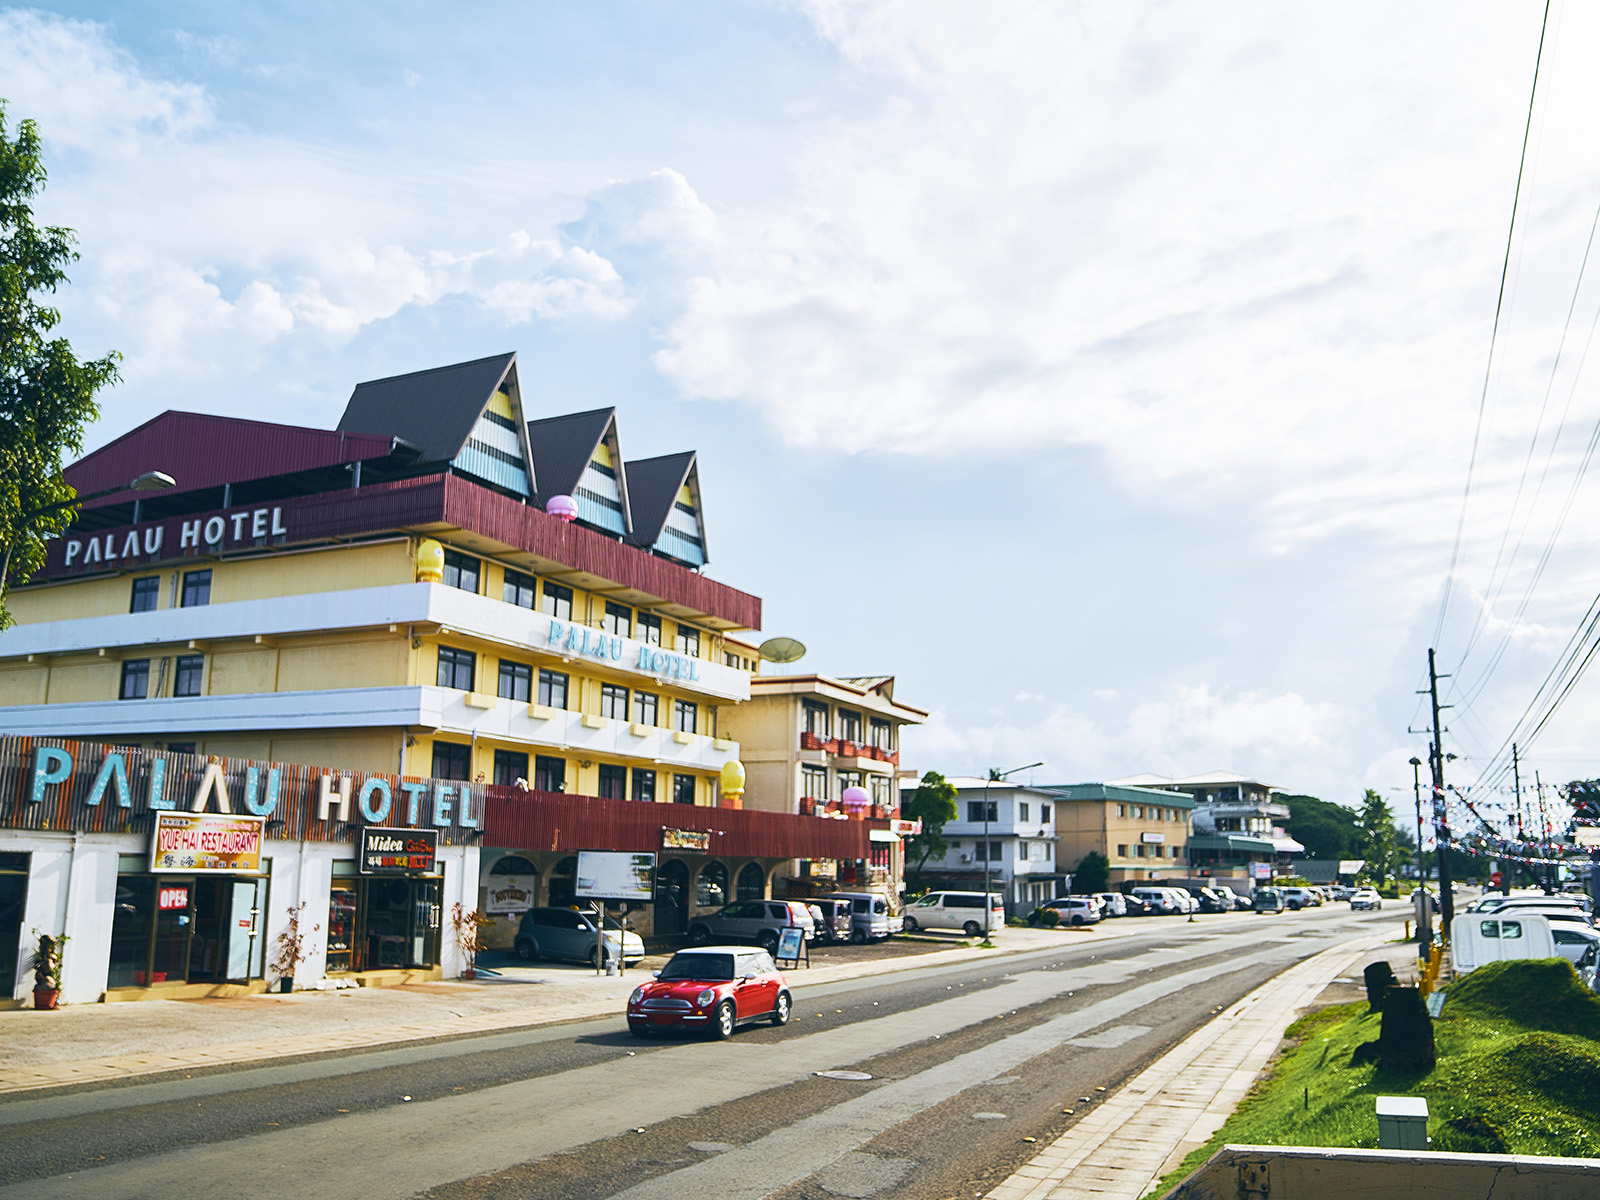 コロール島の観光ガイド|パラオ中心地の名所・レストラン・ホテル情報